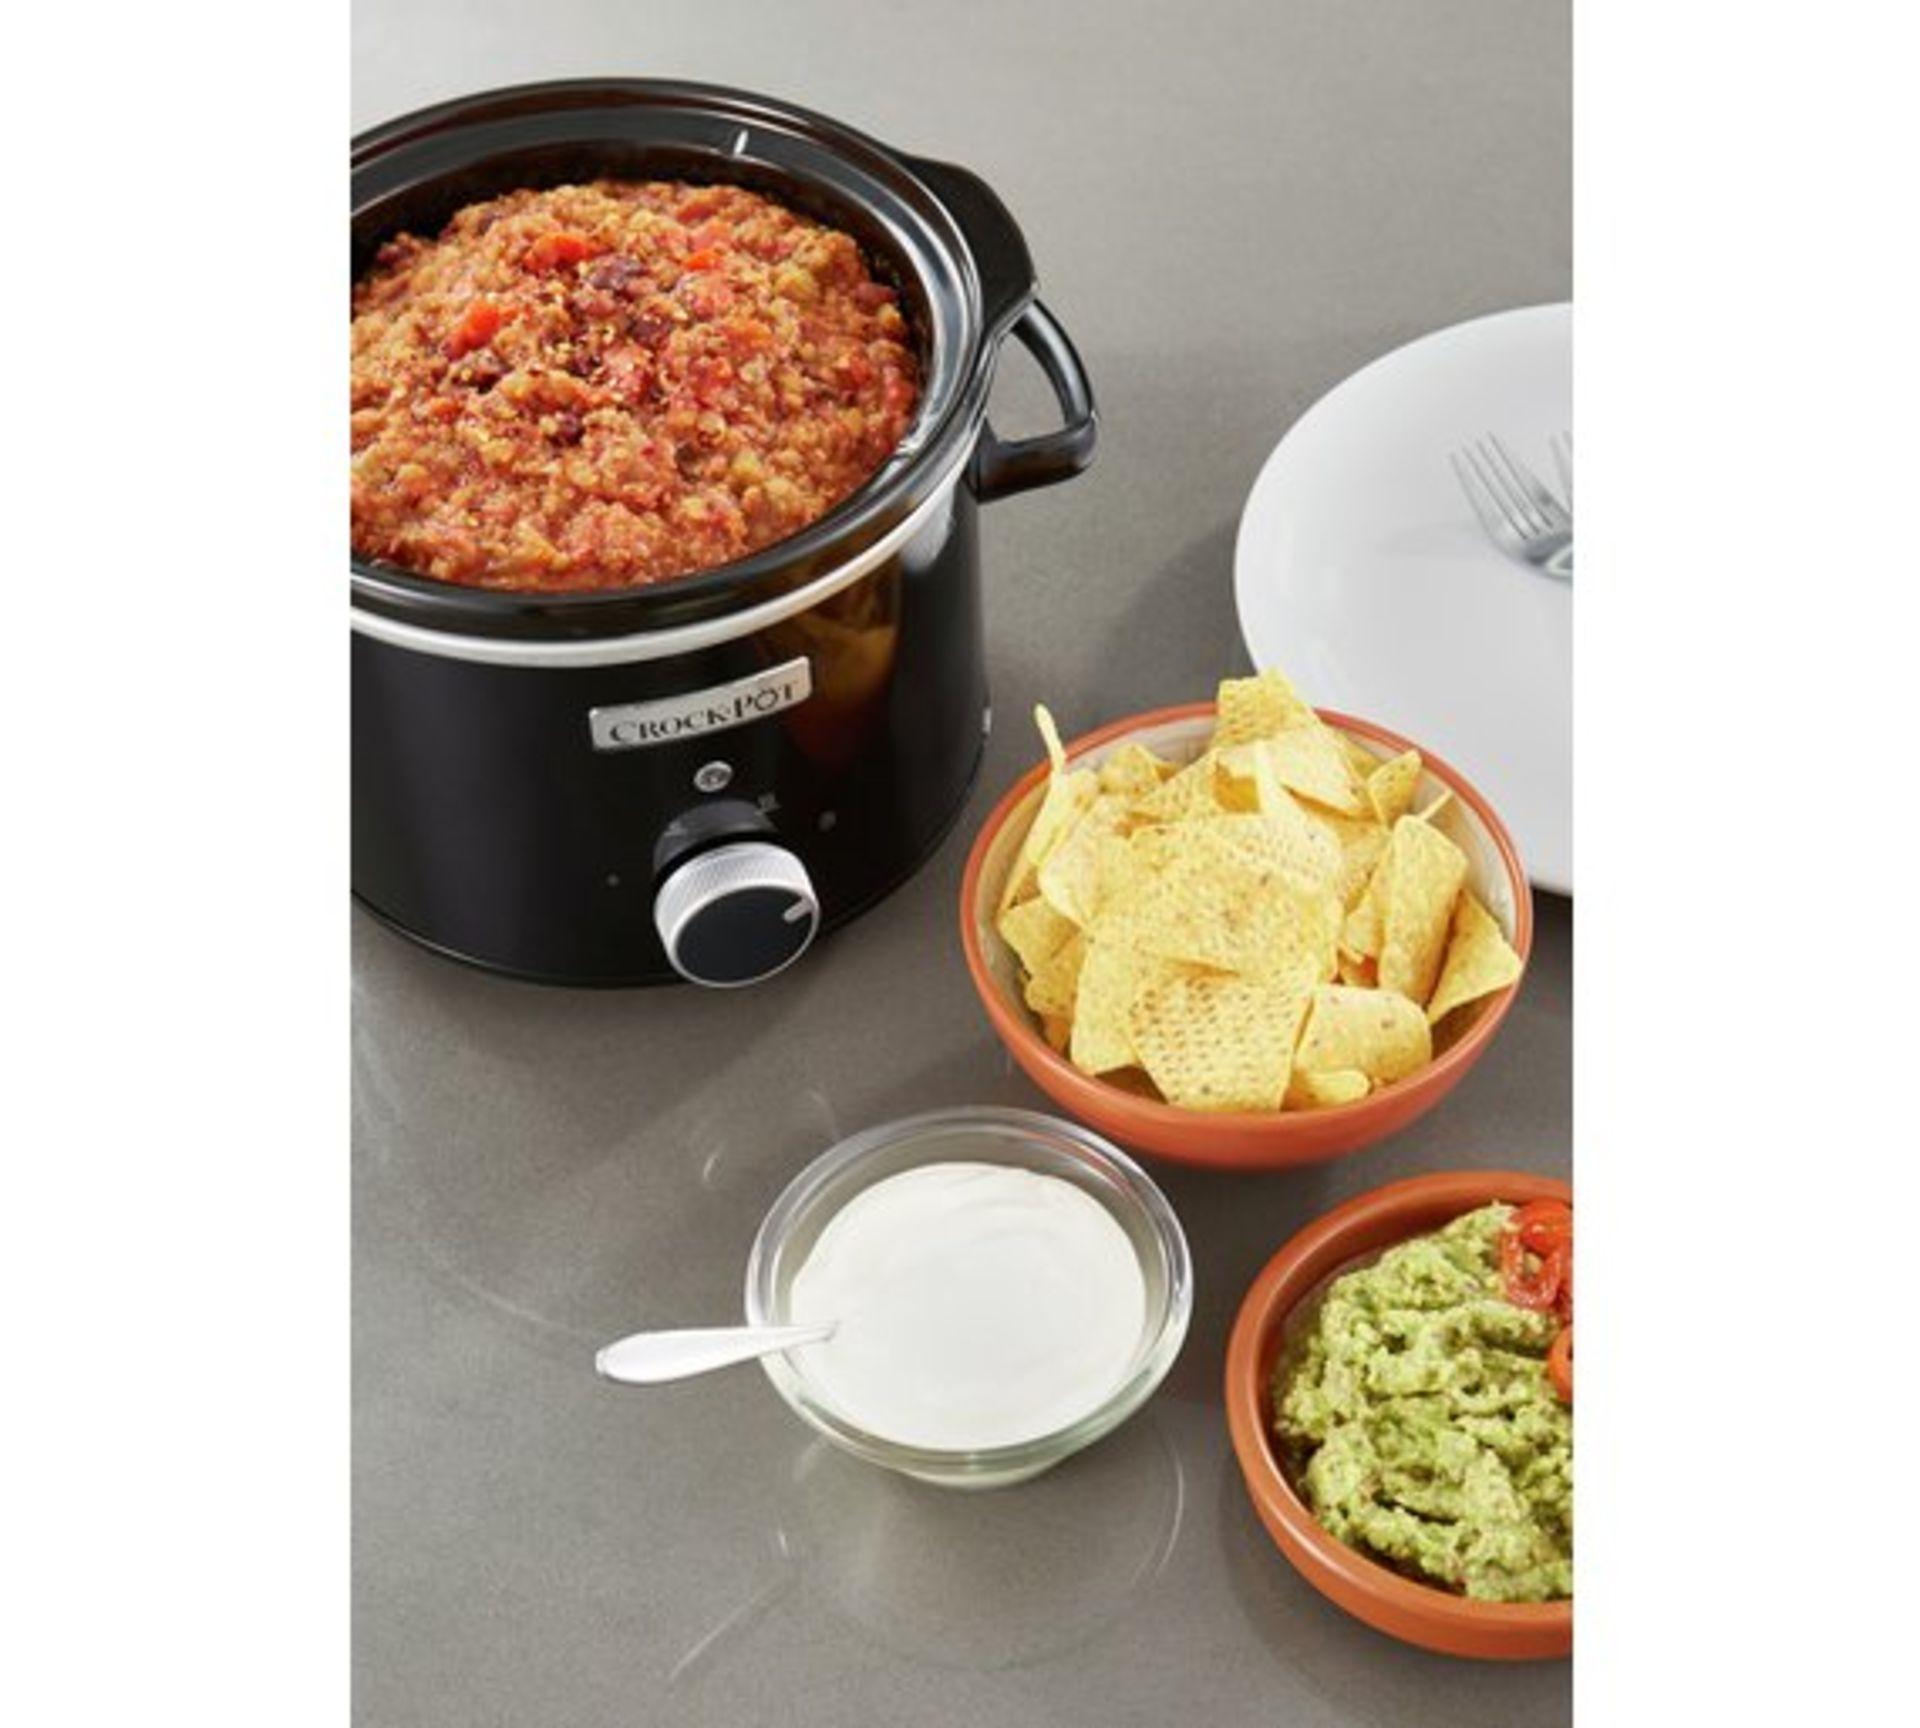 Lot 10289 - V Brand New 2.4L Crock-Pot Slow Cooker - £31.99 at Espares.co.uk - Black - Dishwasher Safe - Oven